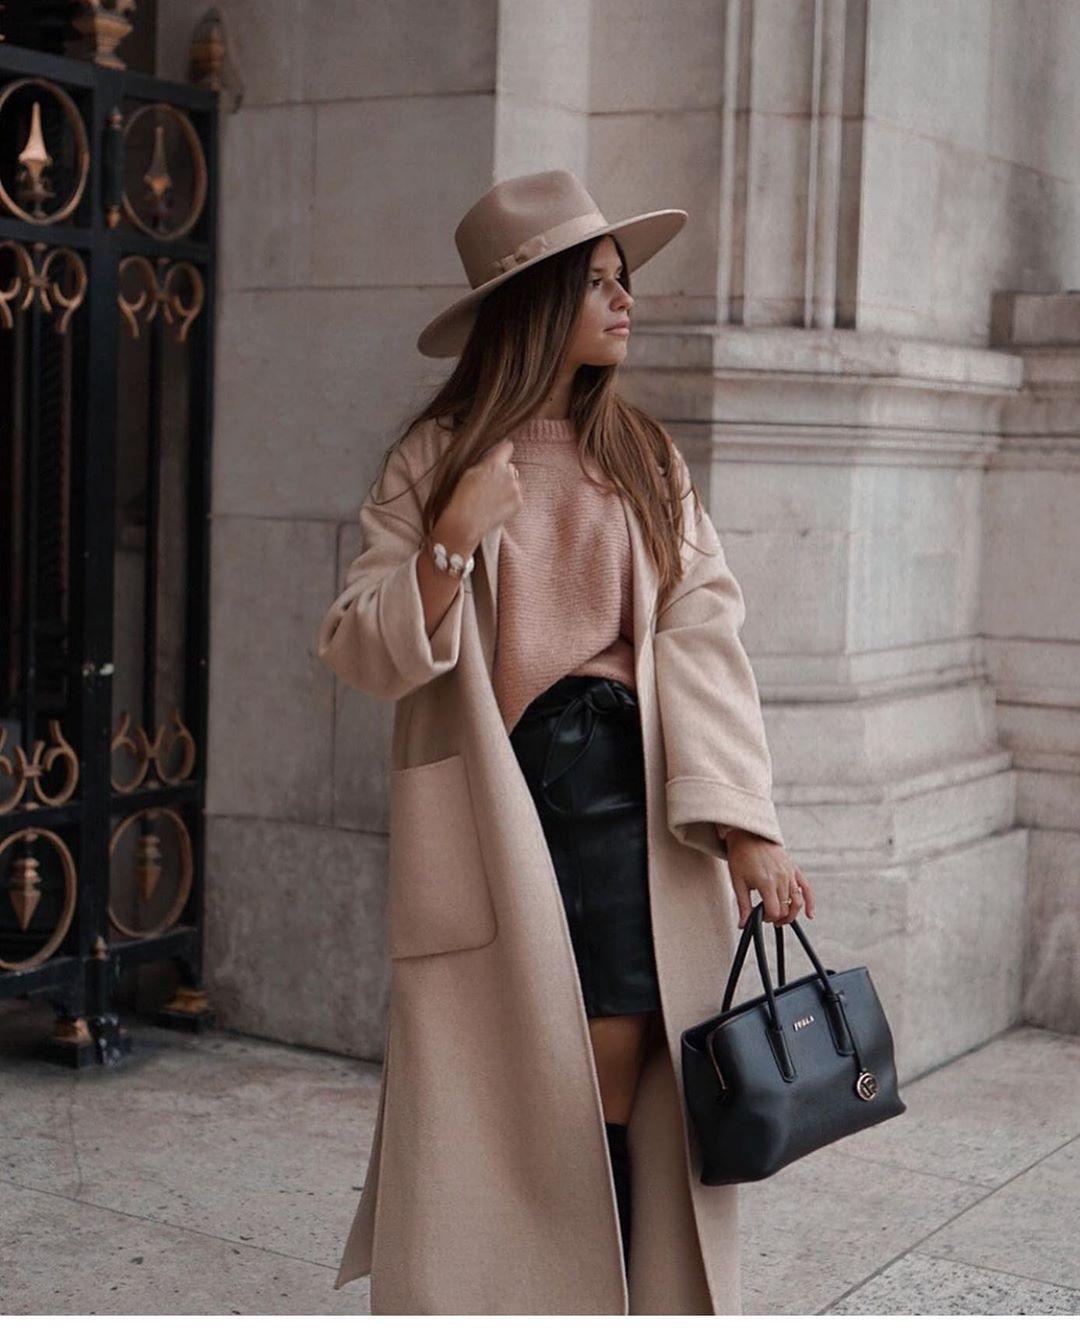 manteau avec poches plaquées de Zara sur zara.outfits